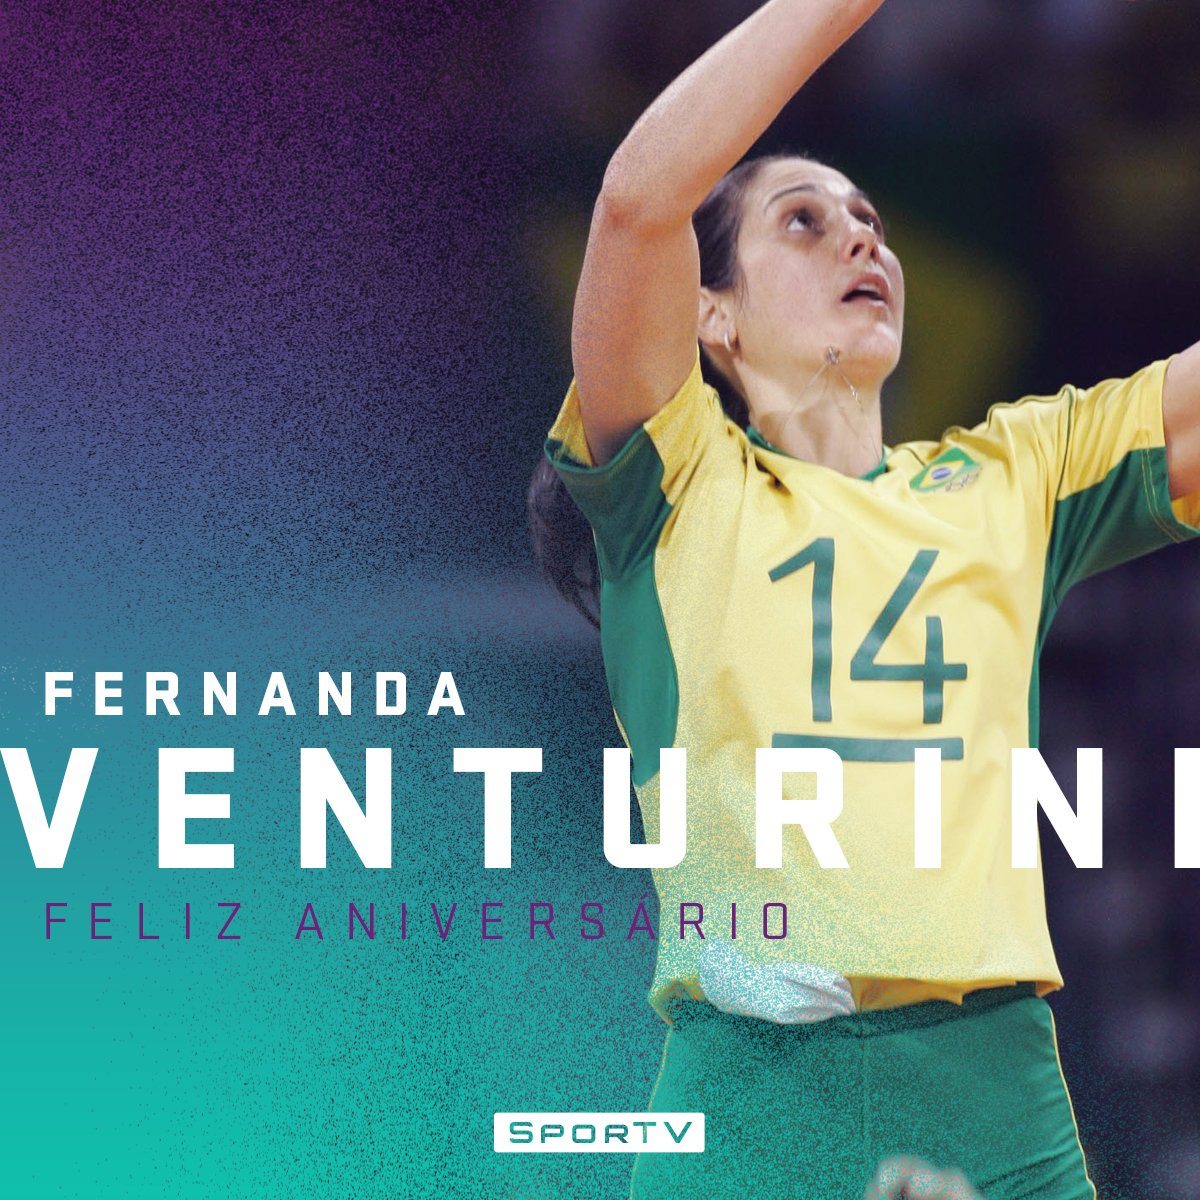 A levantadora que deu tantas alegrias está fazendo aniversário!   Parabéns, Fernanda Venturini! #FernandaVenturini47